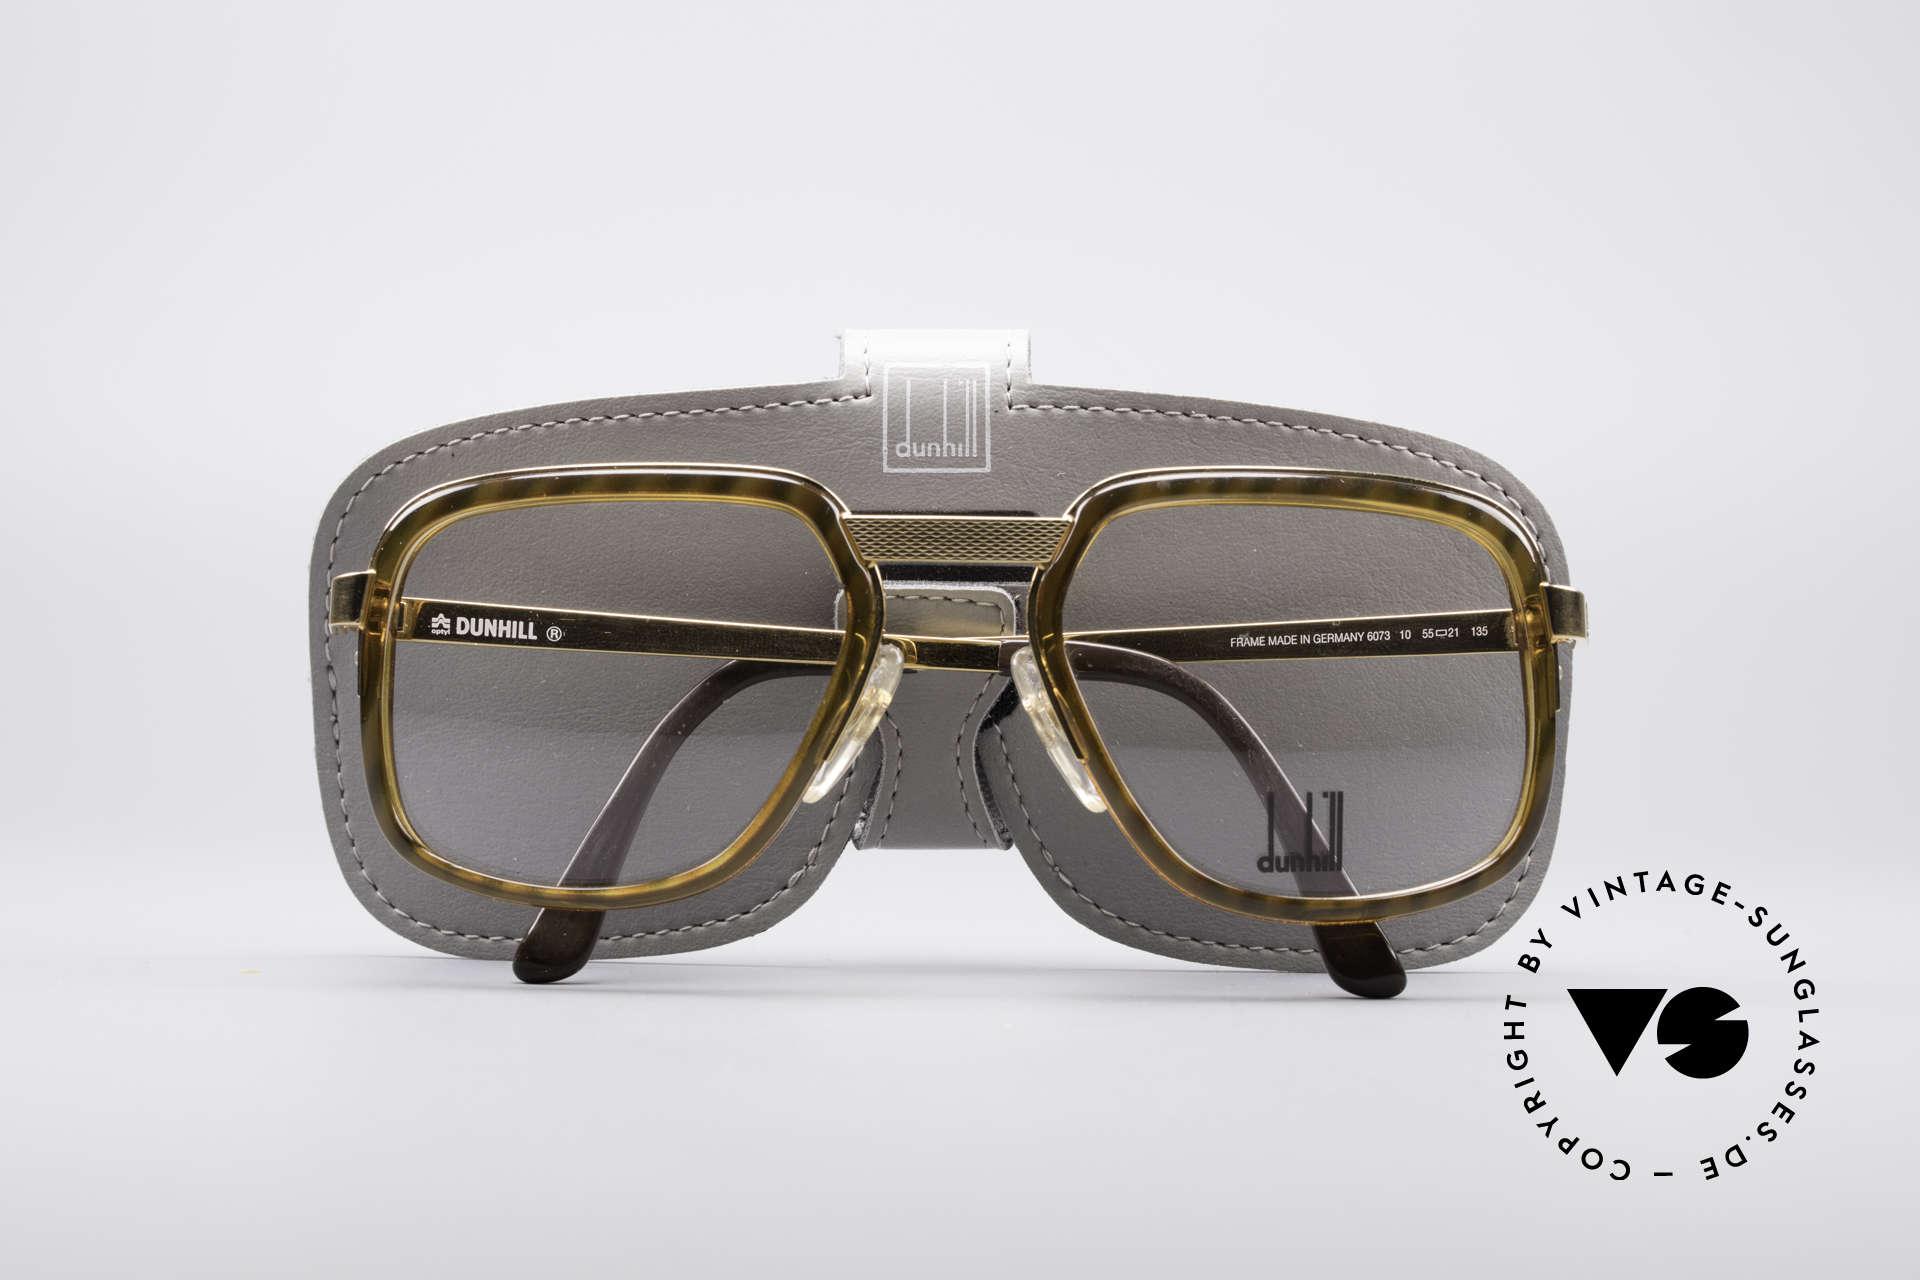 Dunhill 6073 Vergoldete 80er Brille, KEINE RETROBRILLE, sondern ein altes 80er Original, Passend für Herren